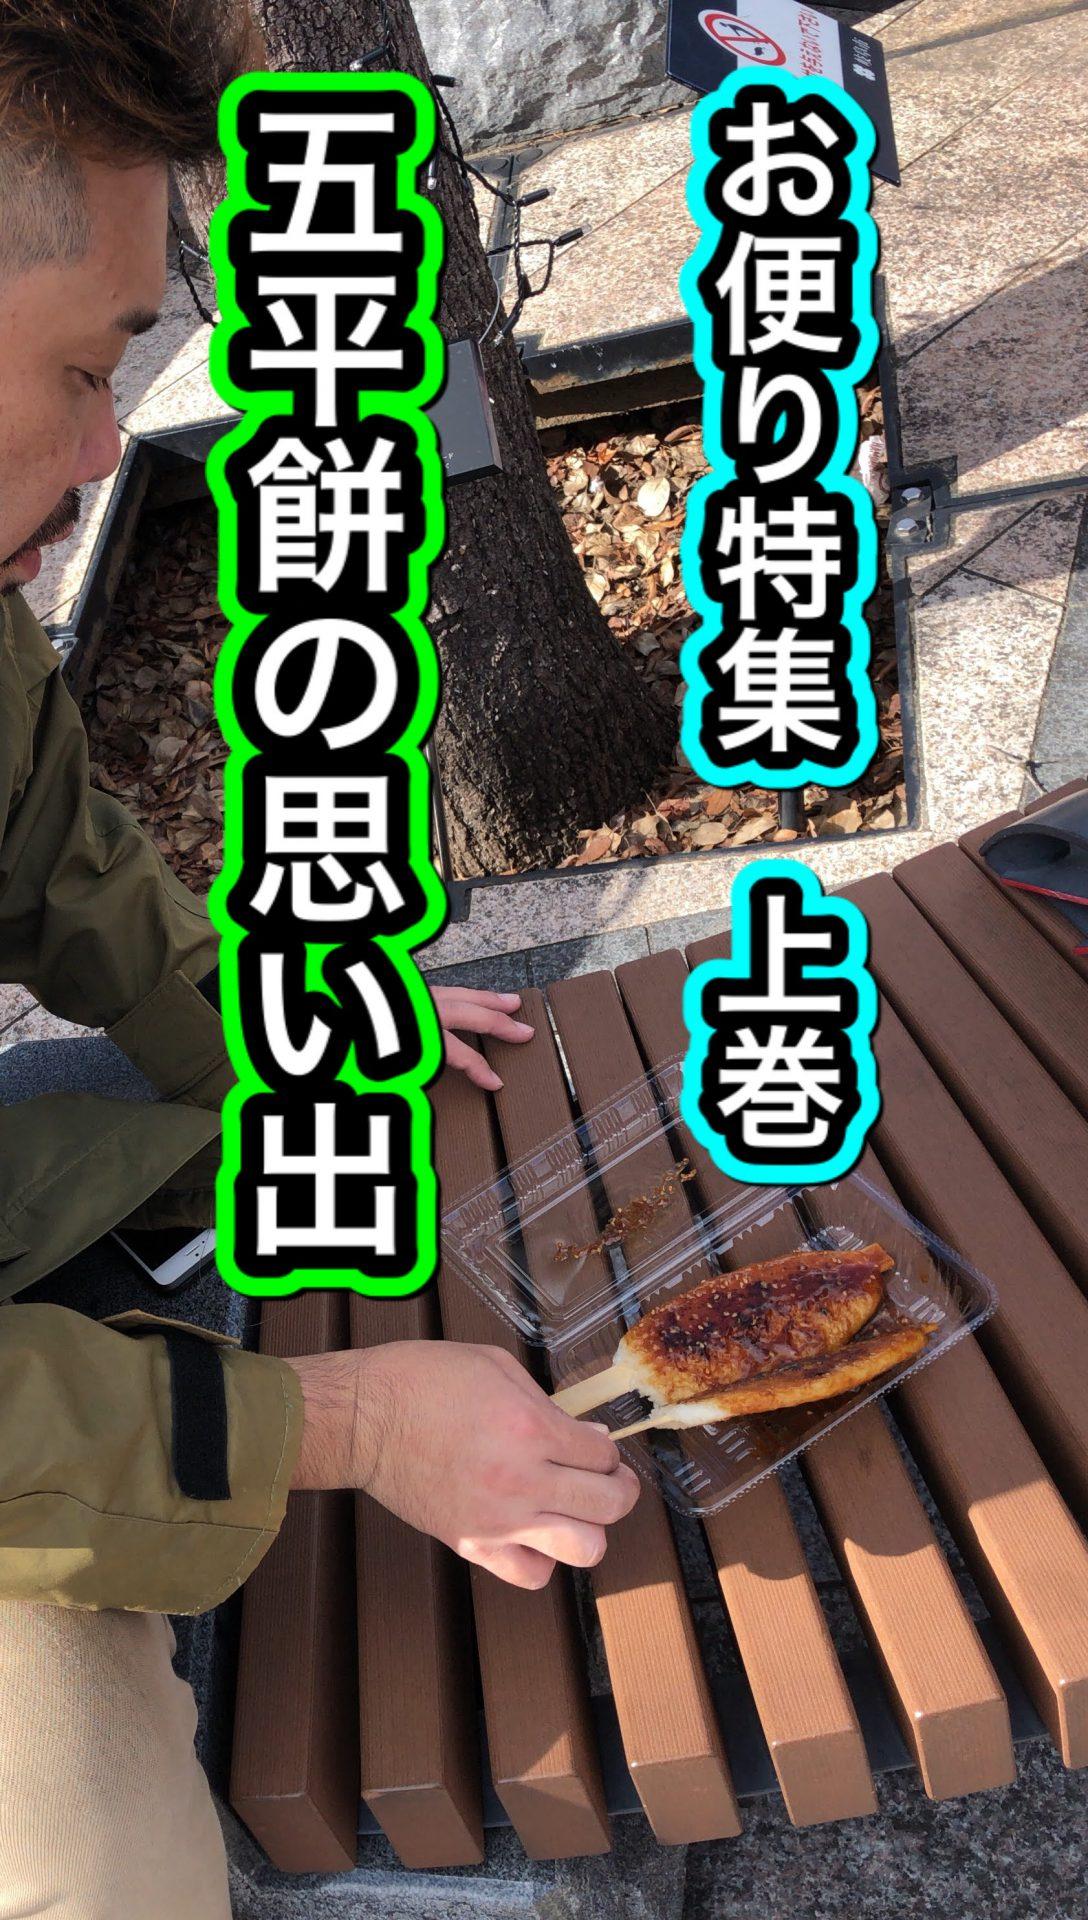 お便り特集その1と沖縄カメーカメー事件!?